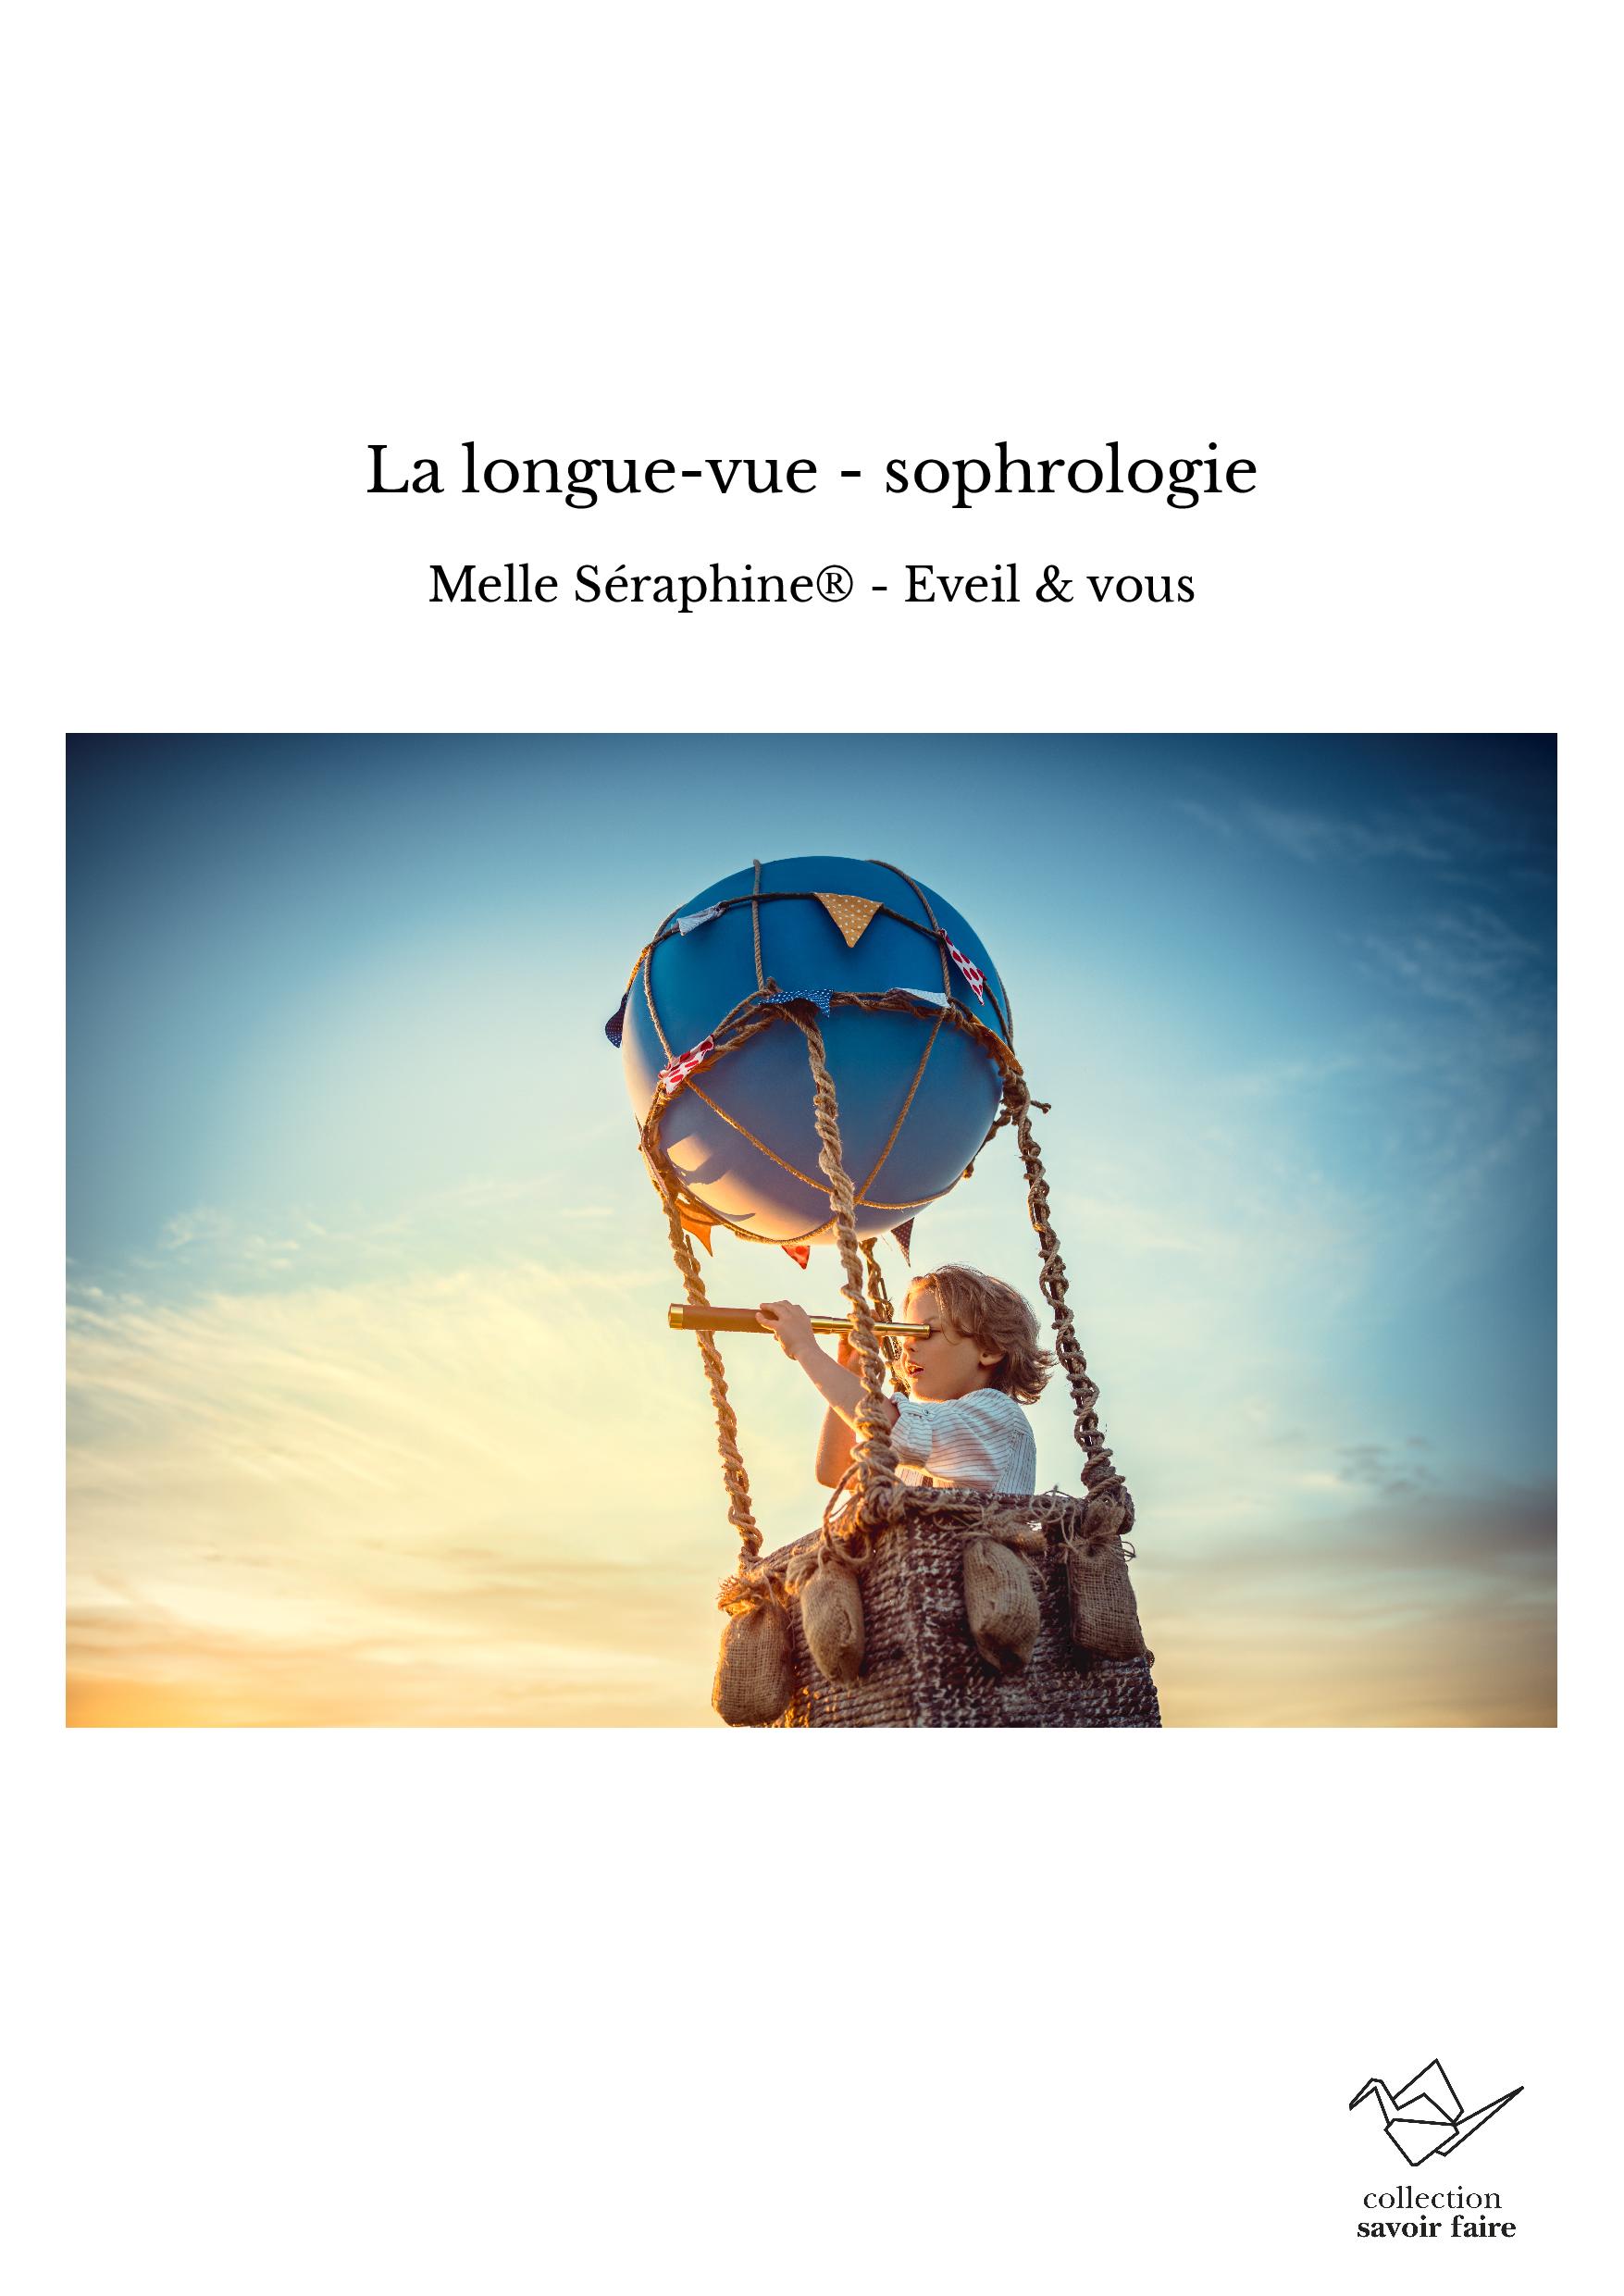 La longue-vue - sophrologie